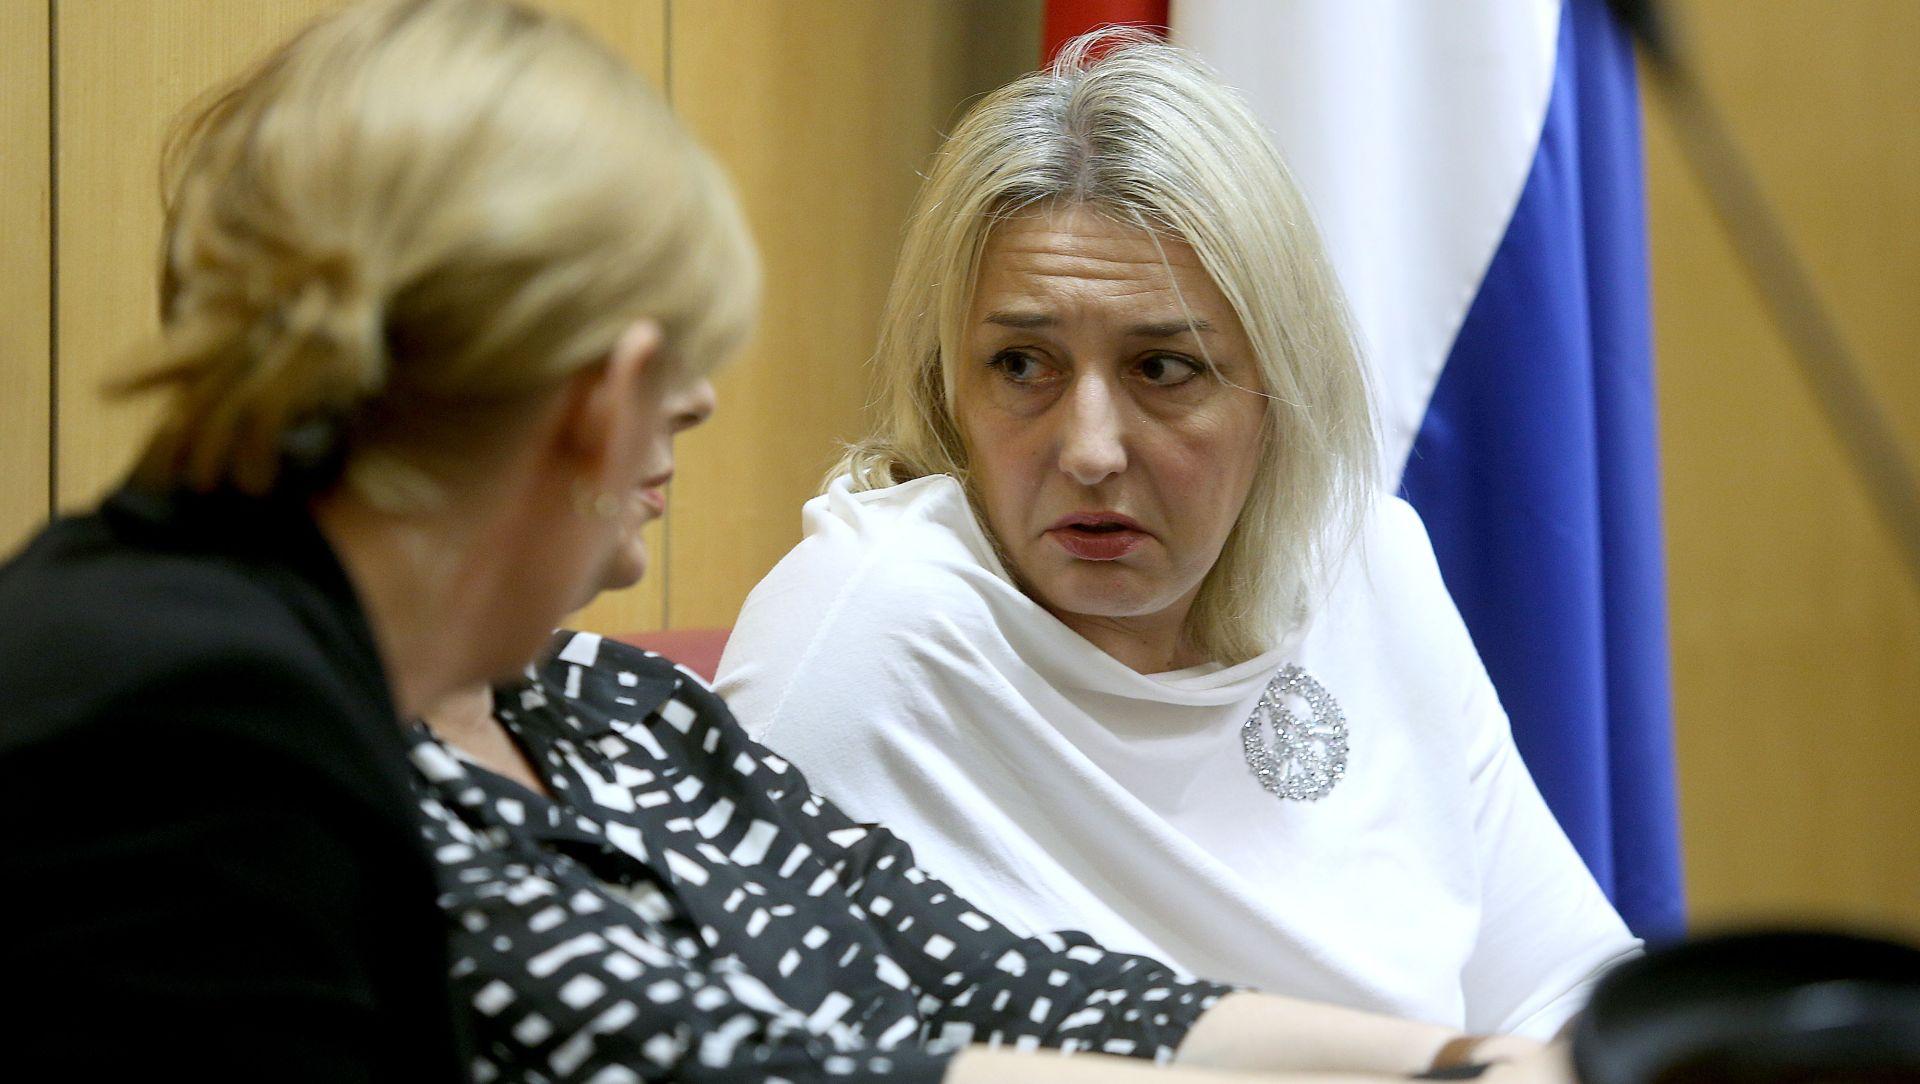 Pravobraniteljica za djecu zatražila od MZOS-a očitovanje o sudjelovanju djece na skupu u Srbu